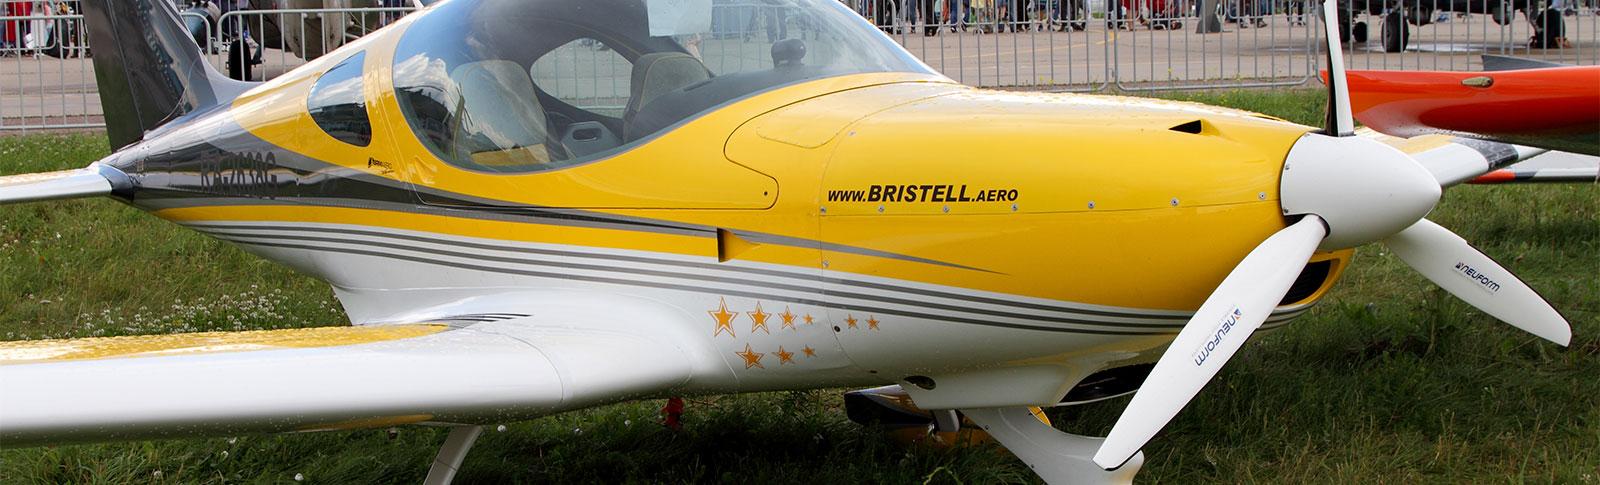 Sport Pilot, Bristell